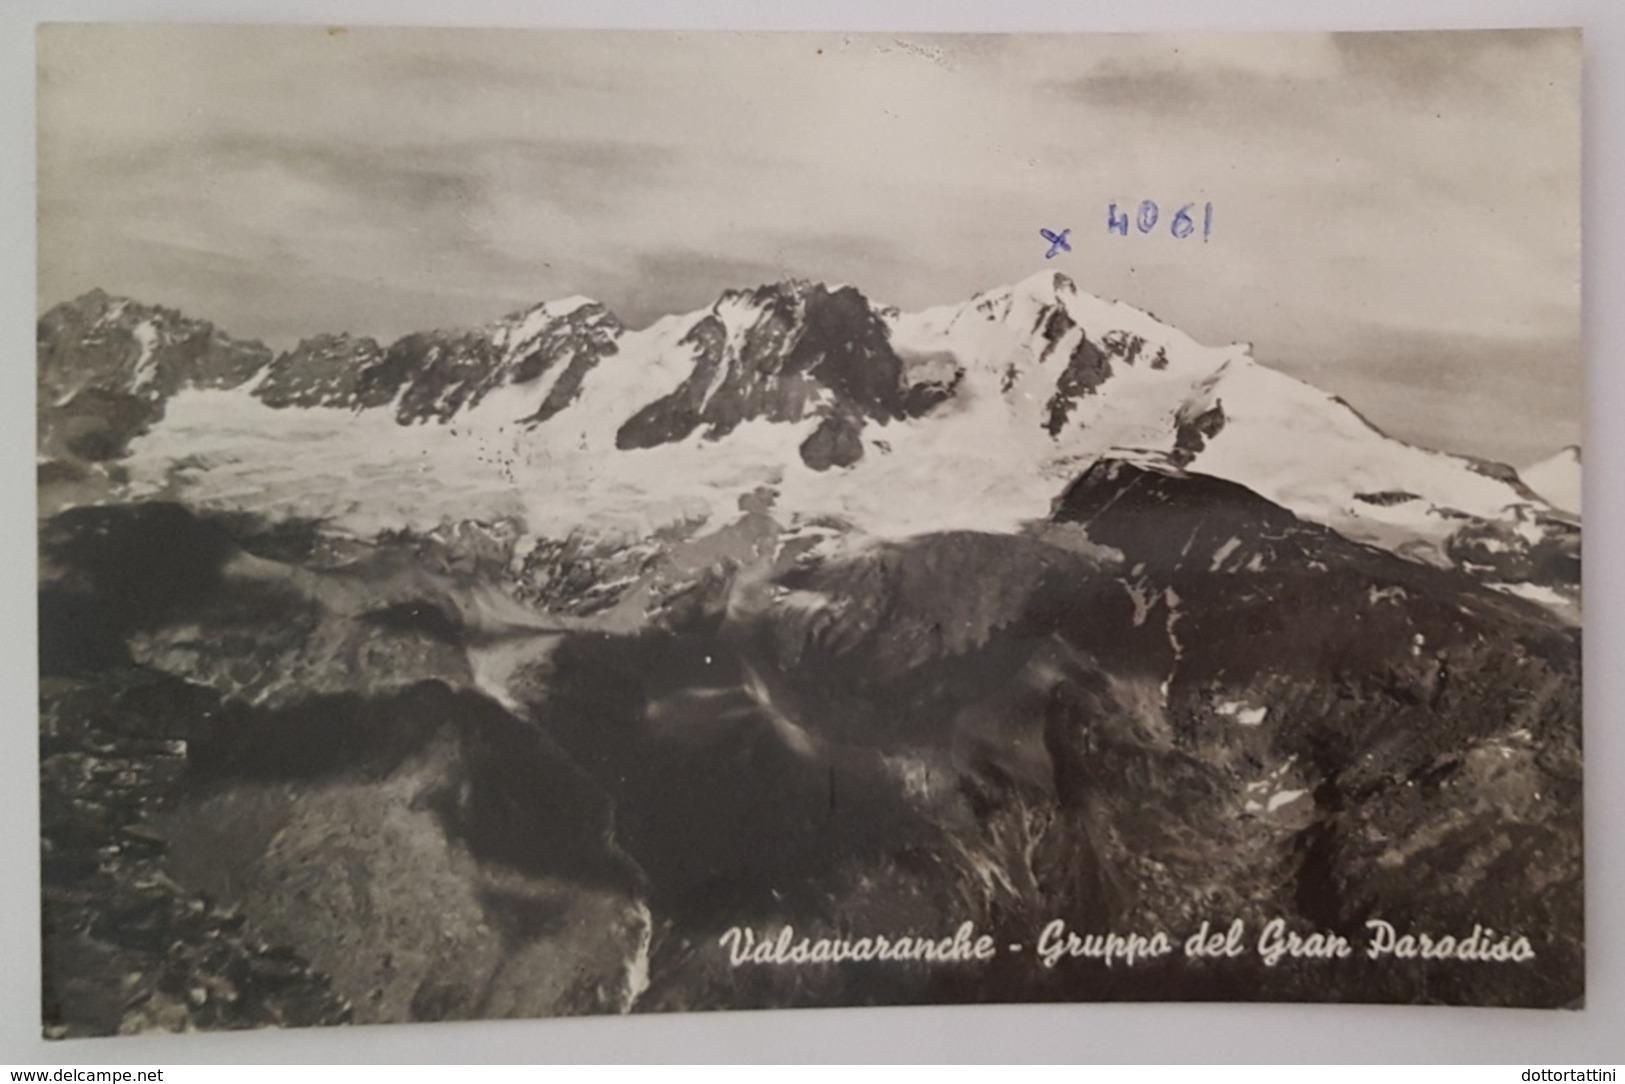 VALSAVARANCHE - Gruppo Del Gran Paradiso - Aosta - Rifugio Vittorio Emanuele Alpi Occidentali CAI - Vg - Italy